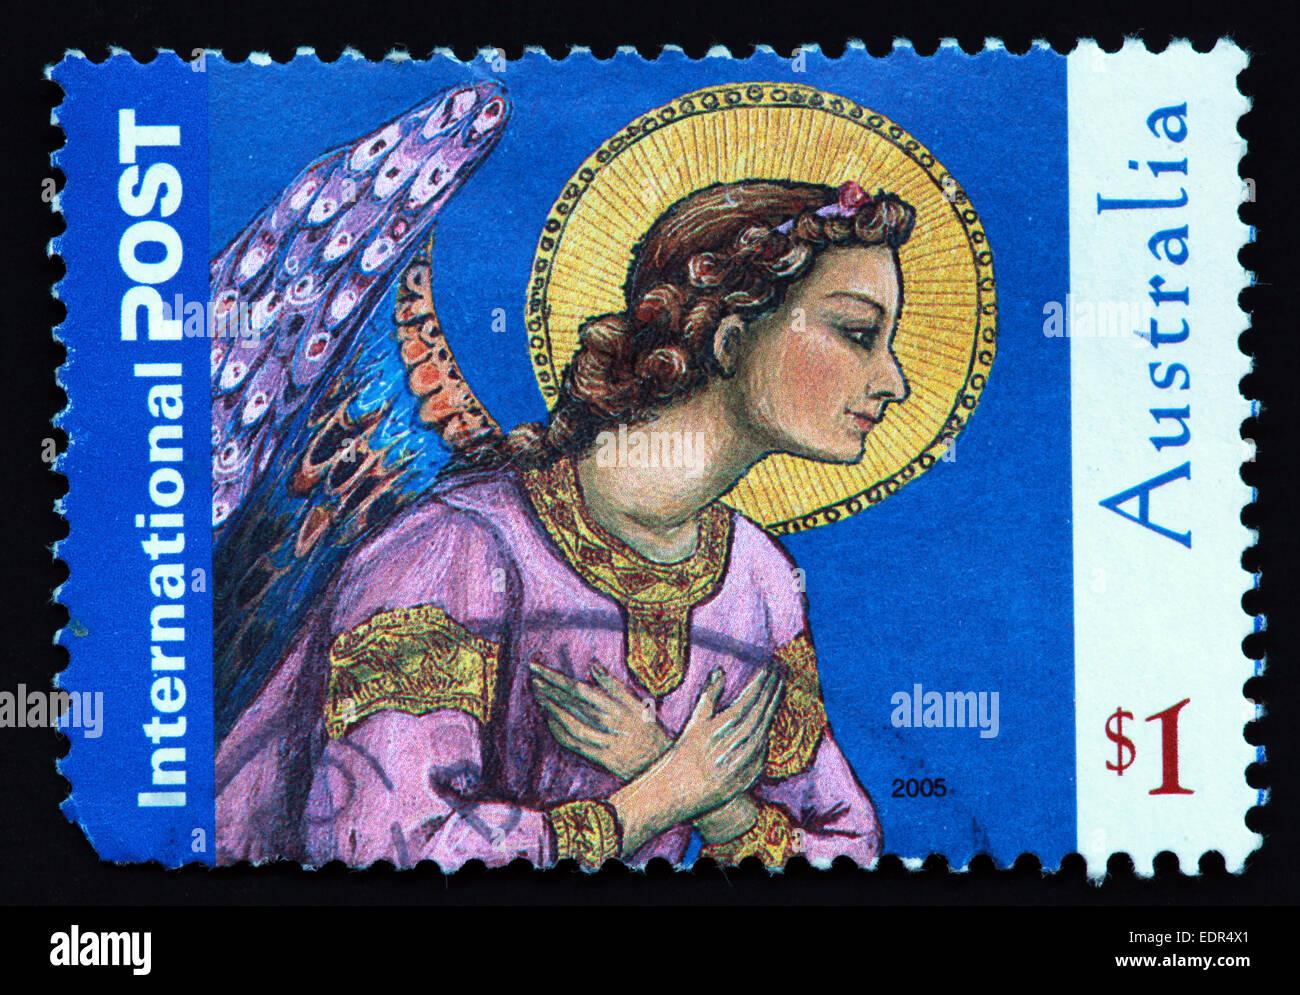 Utilisé et oblitérée Australie / Austrailian Stamp International Post $12005 Banque D'Images